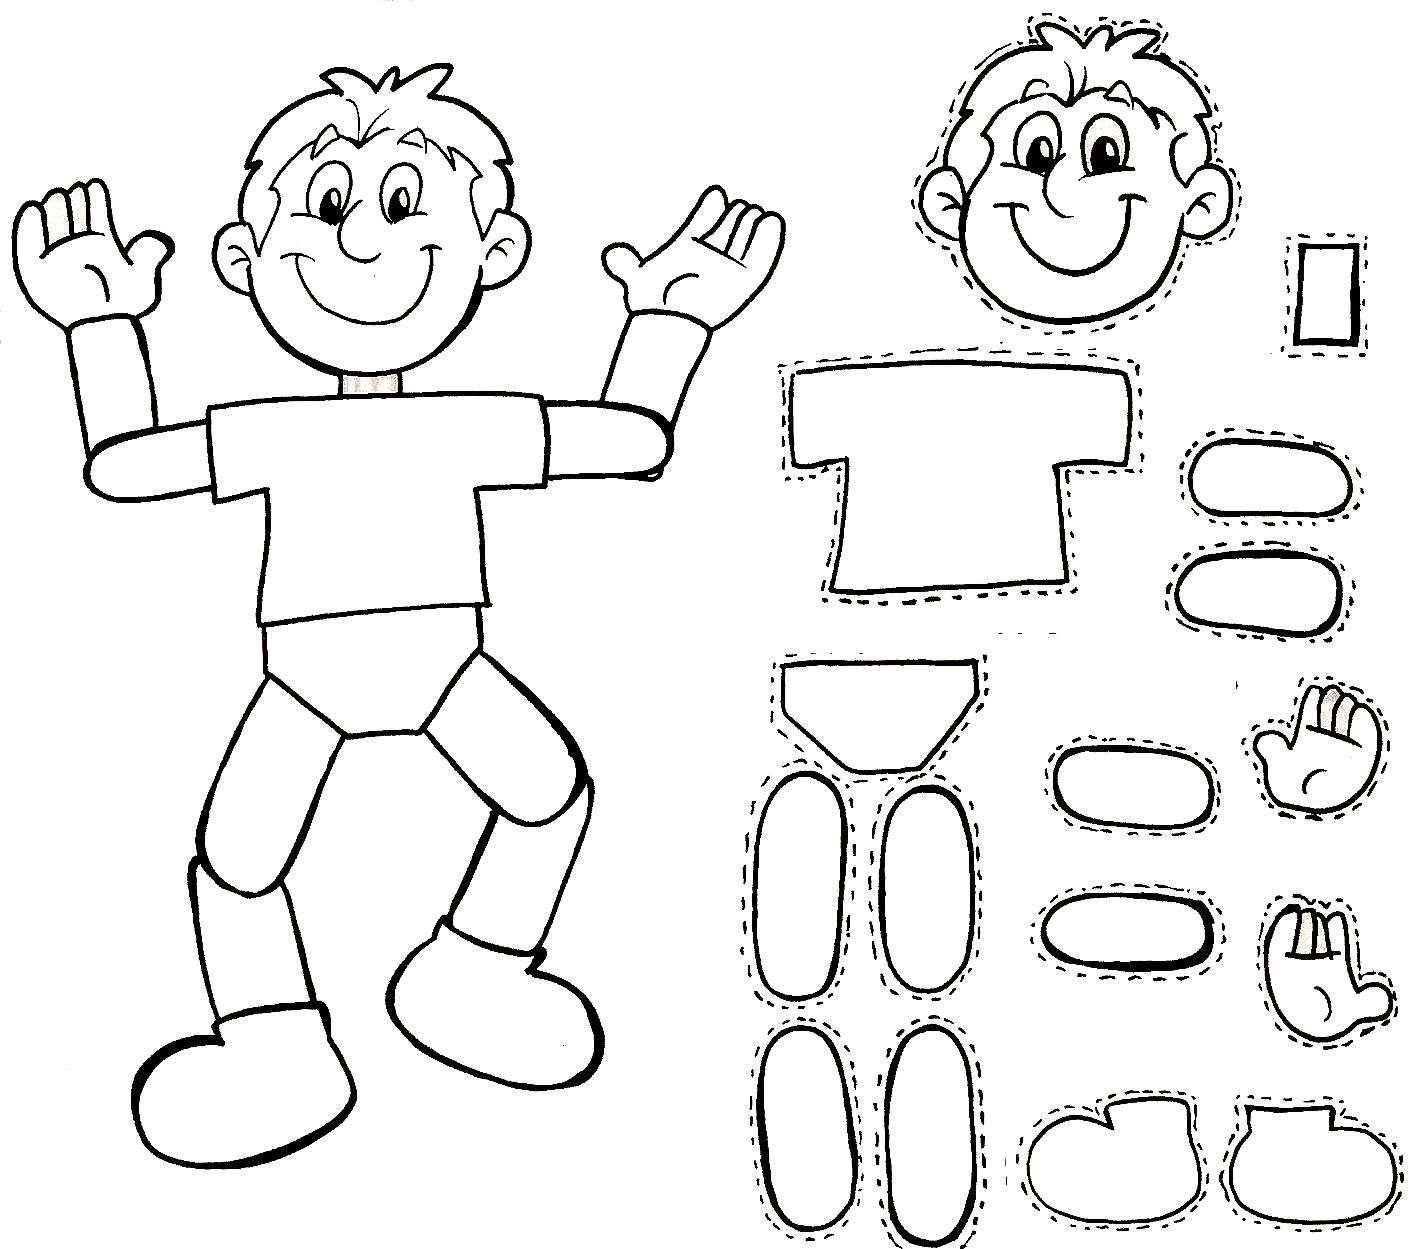 CUERPO HUMANO PARA ARMAR dibujo para colorear del cuerpo humano http ...